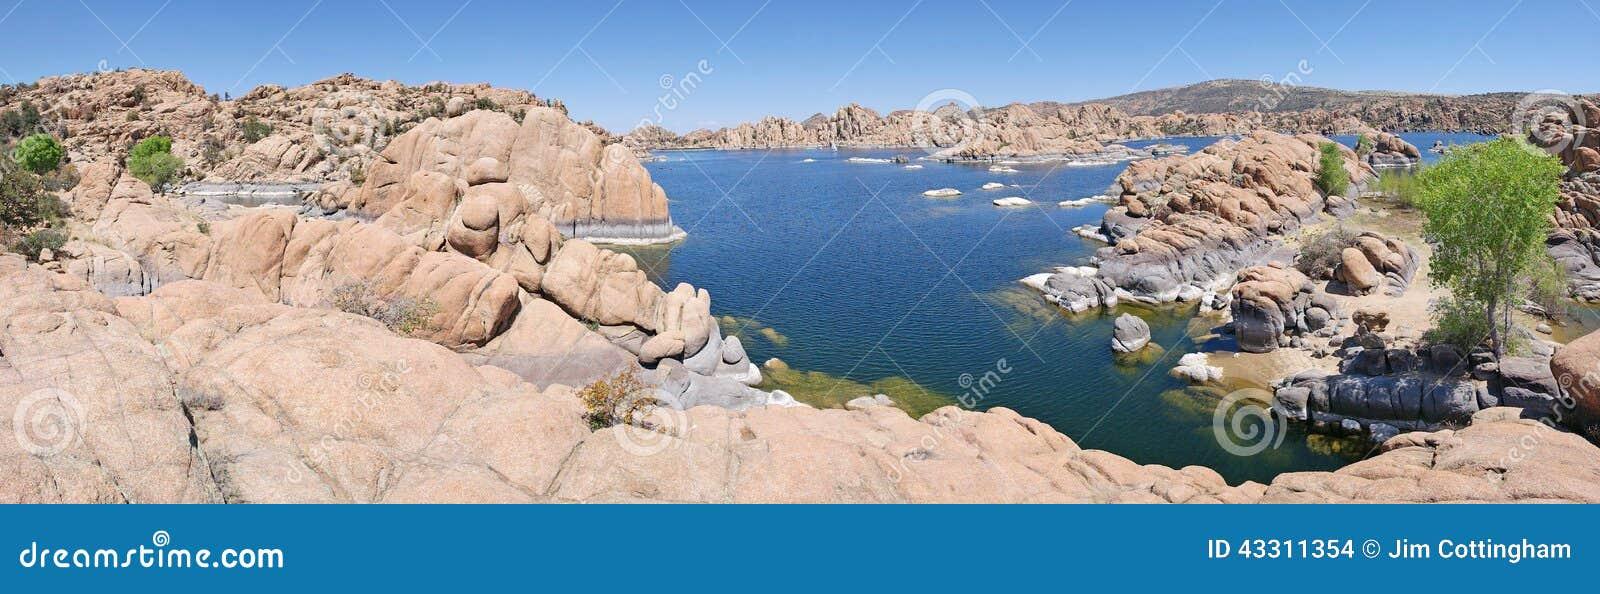 Watson Lake, Prescott, AZ Panorama